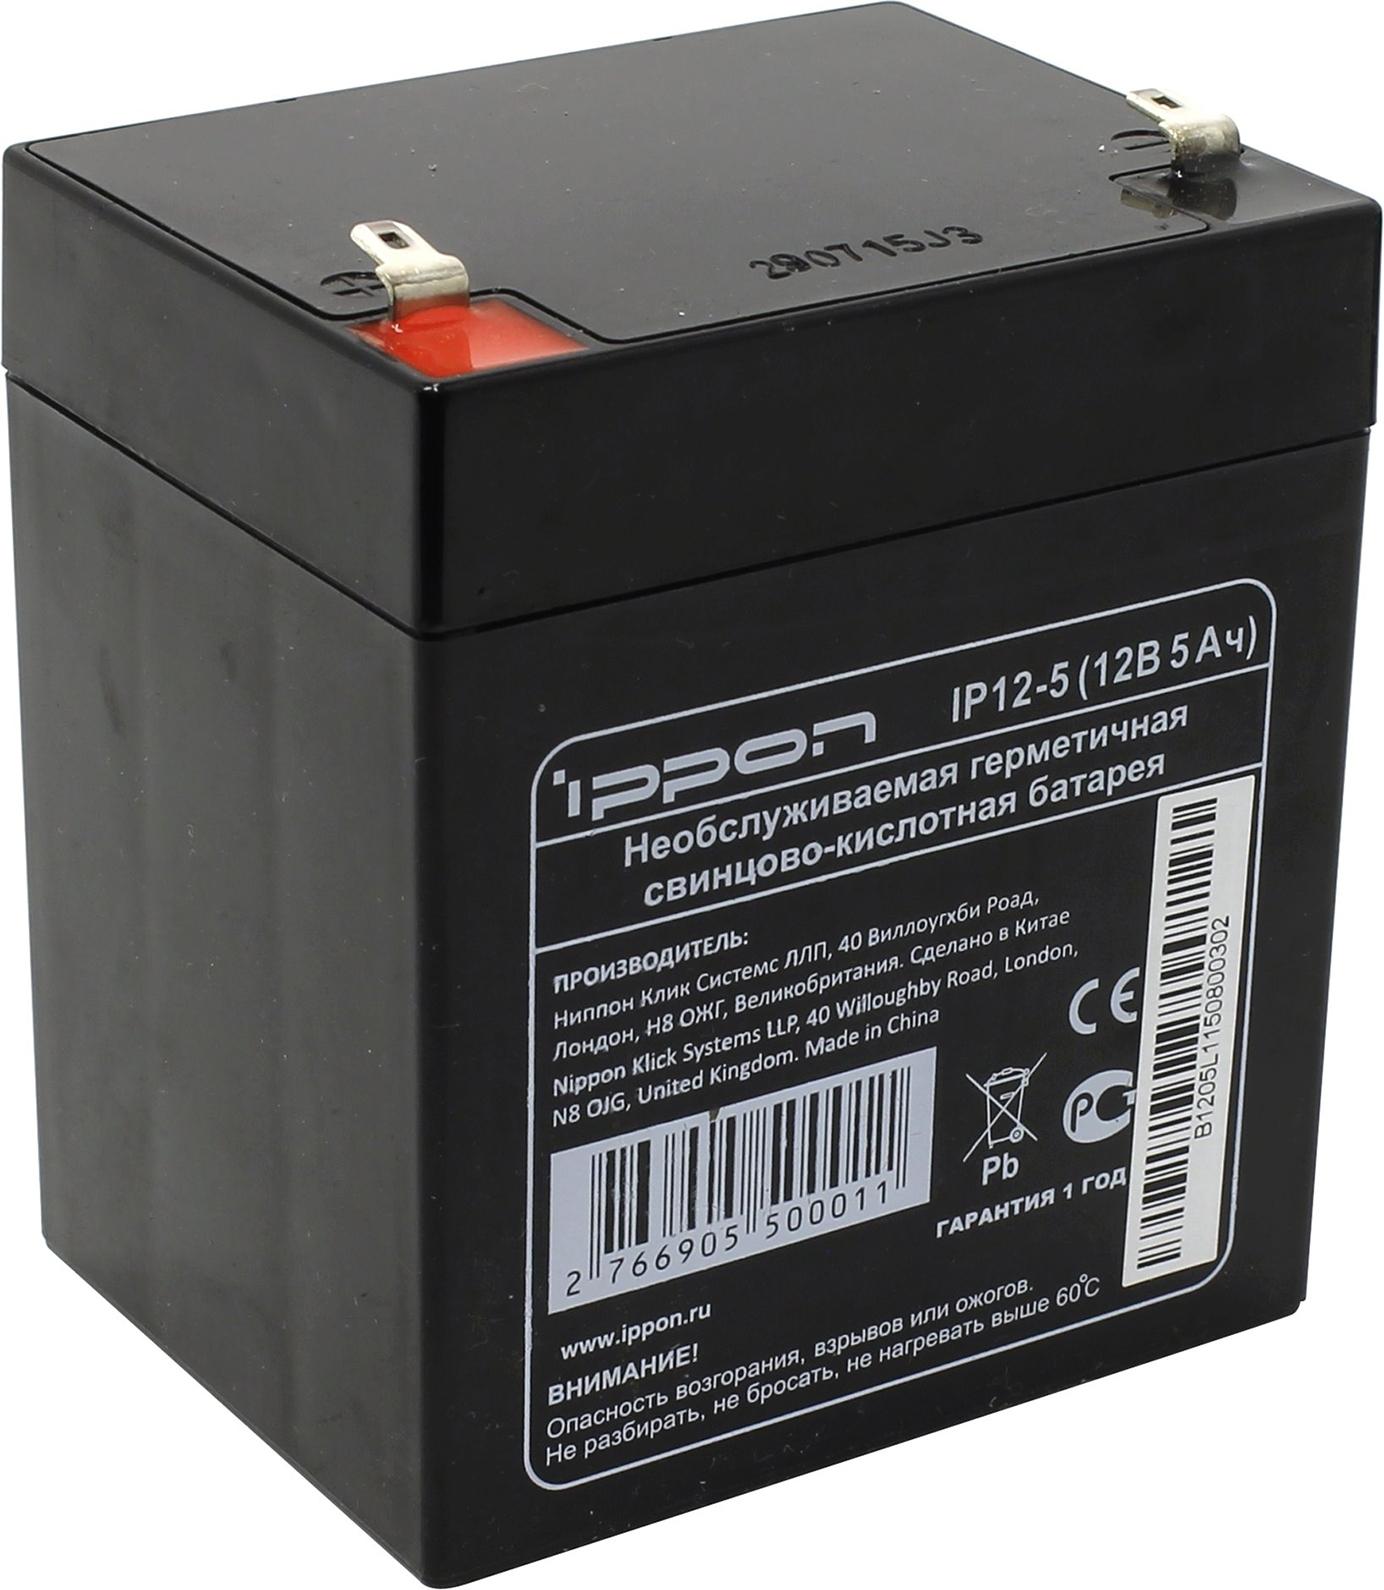 Батарея для ИБП Ippon IP12-5Ippon IP12-5Высокое качество и надежность – главные отличия аккумуляторных батарей IPPON. Они предназначены для обеспечения резервным питанием систем охраны и безопасности, телекоммуникационного оборудования, промышленных объектов широкого назначения, работы в источниках бесперебойного питания.